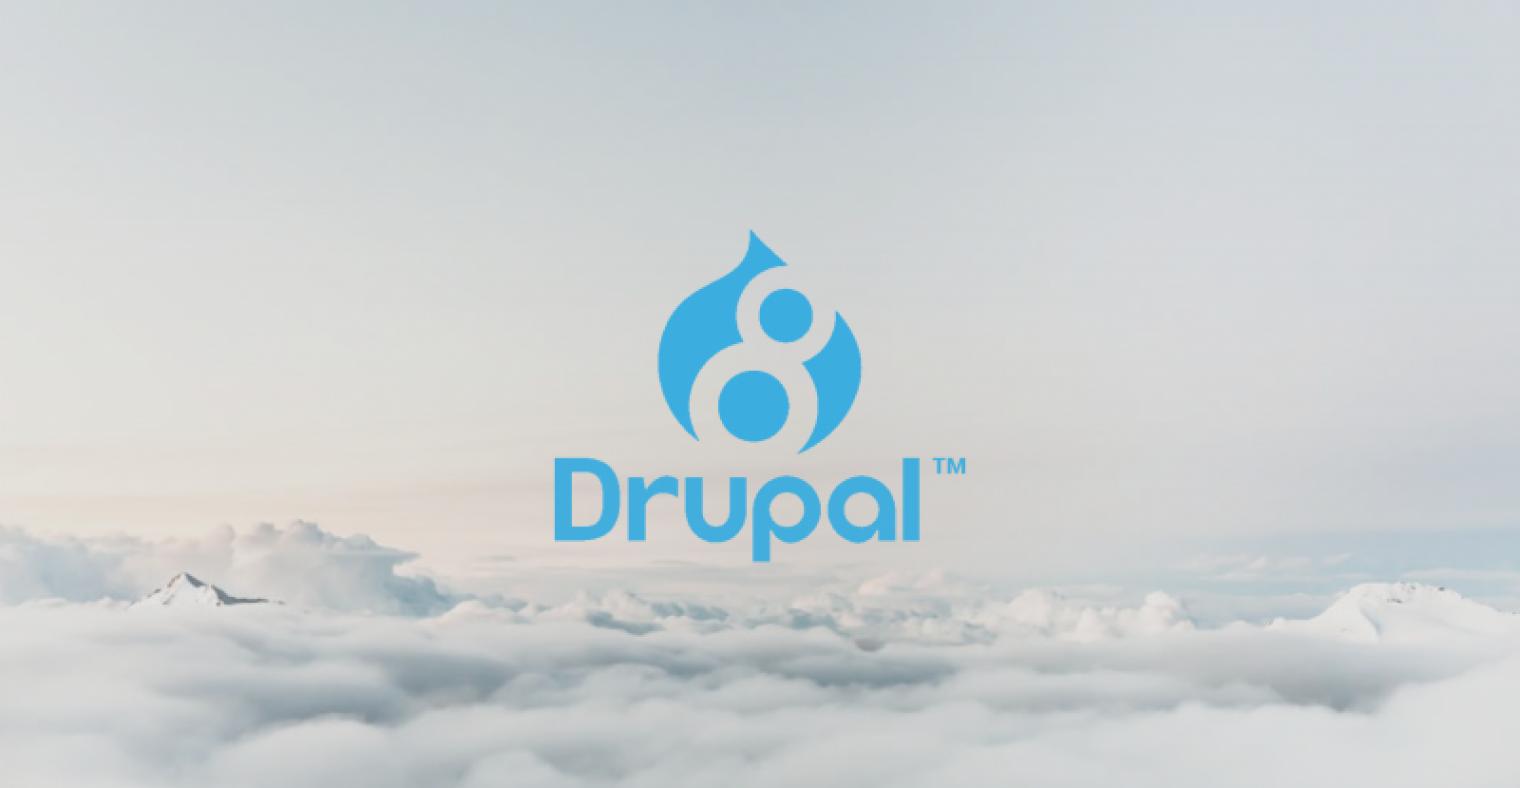 Drupal clouds 8